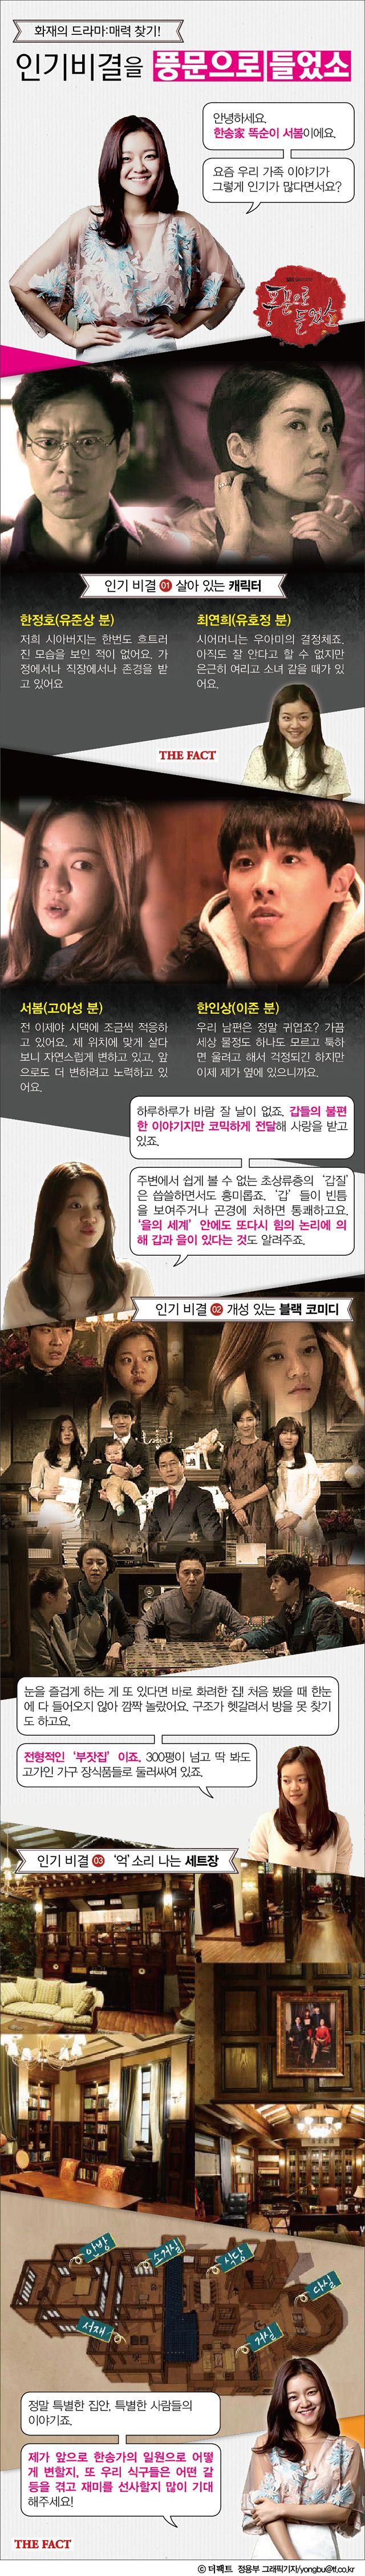 인기 비결을 '풍문으로 들었소'(인포그래픽) SBS 드라마 '풍문으로 들었소'의 인기 비결은 유머 코드에 녹여낸 날카로운 풍자다.